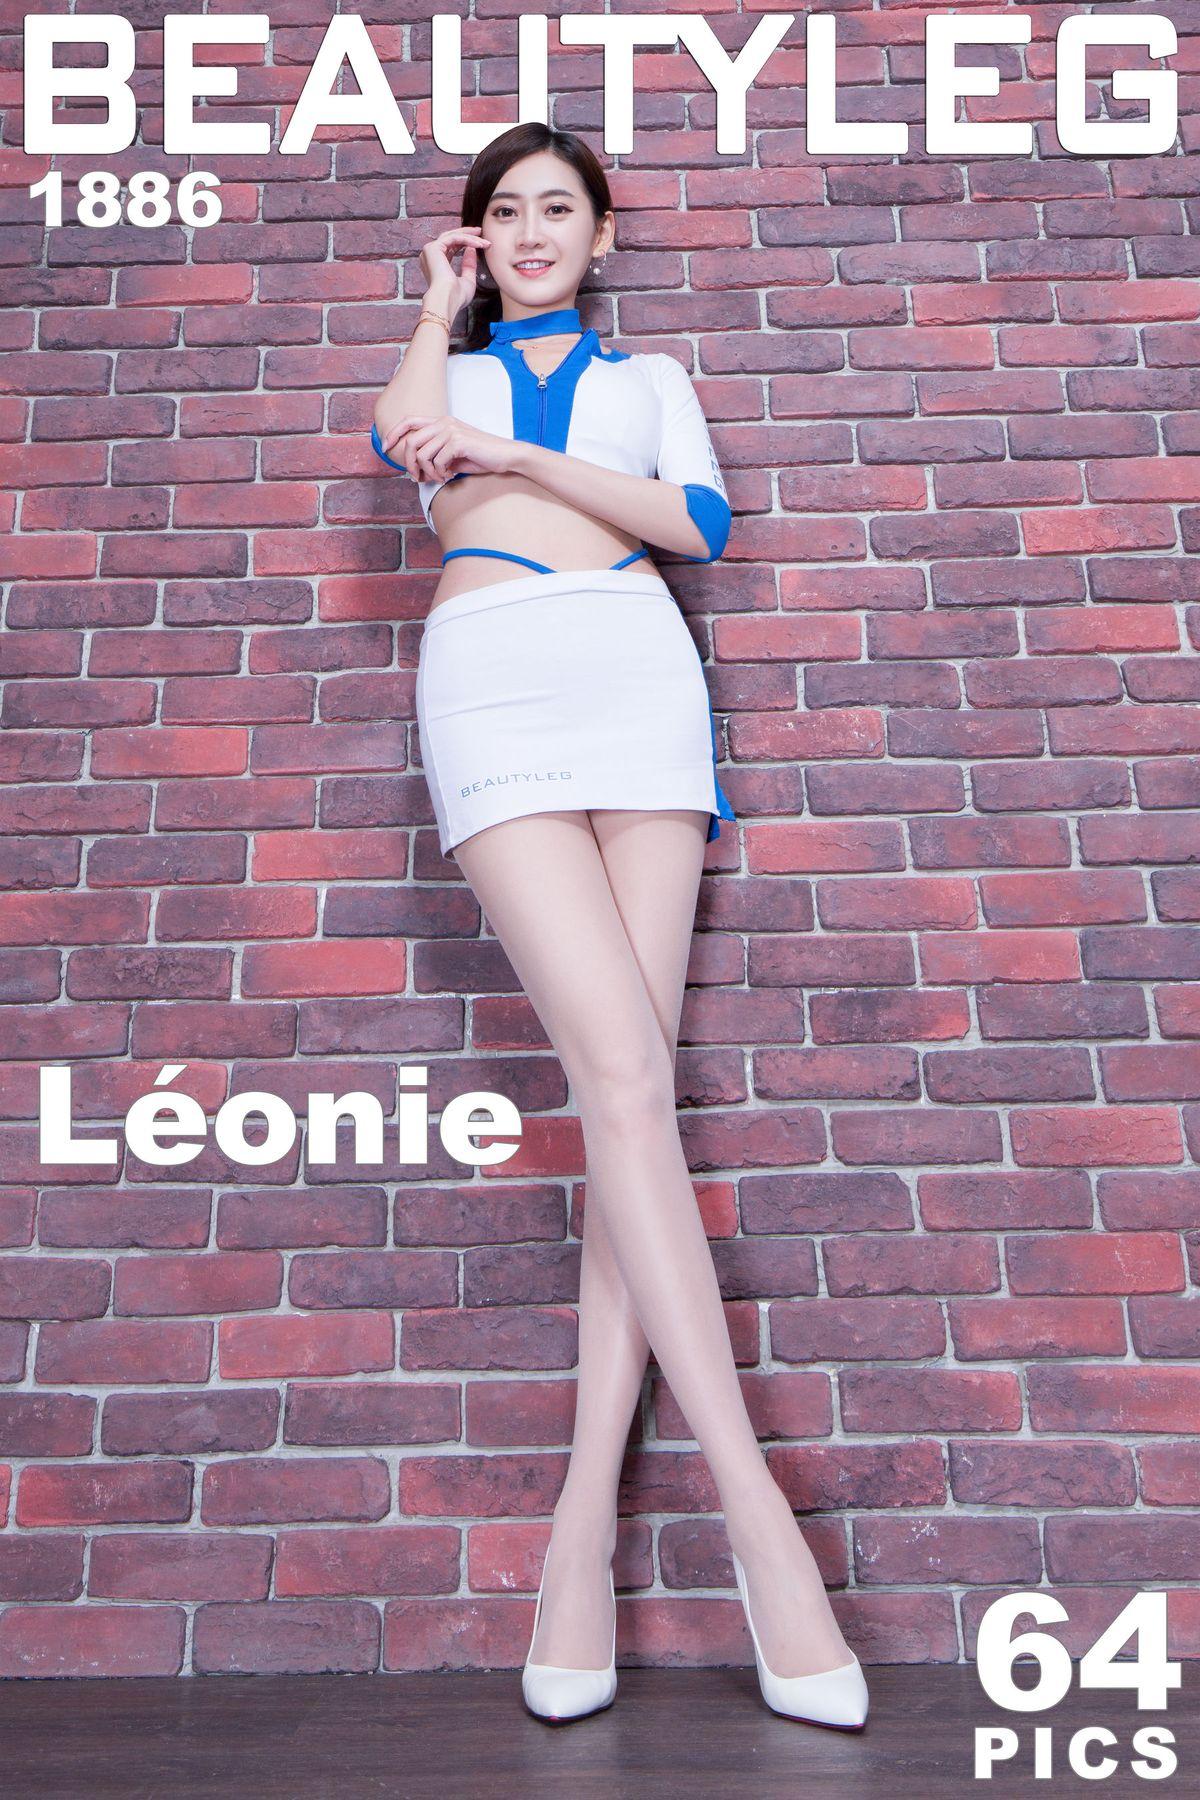 腿模Leonie《肉丝袜制服美腿》 [Beautyleg] No.1886 写真集1